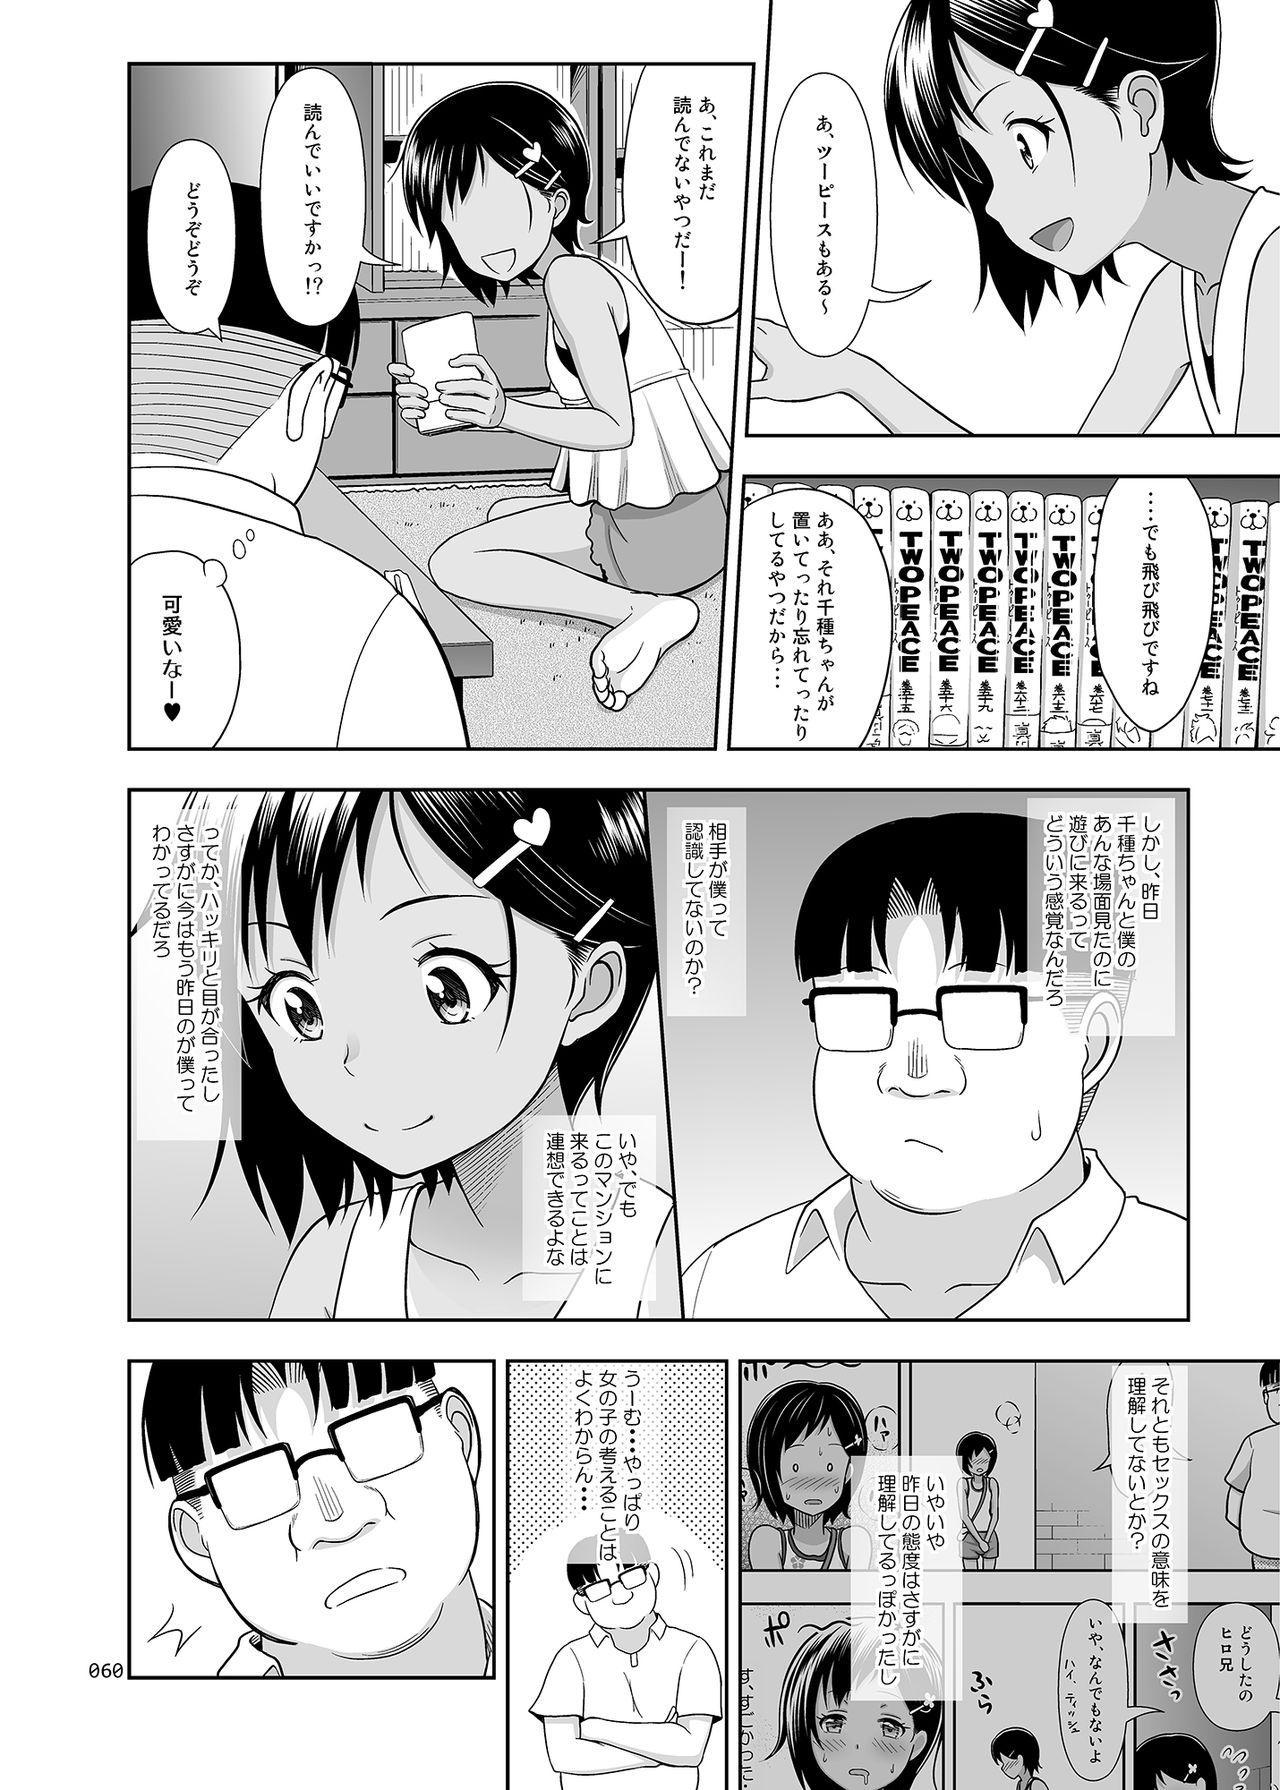 Meikko na Syoujo no Ehon 58